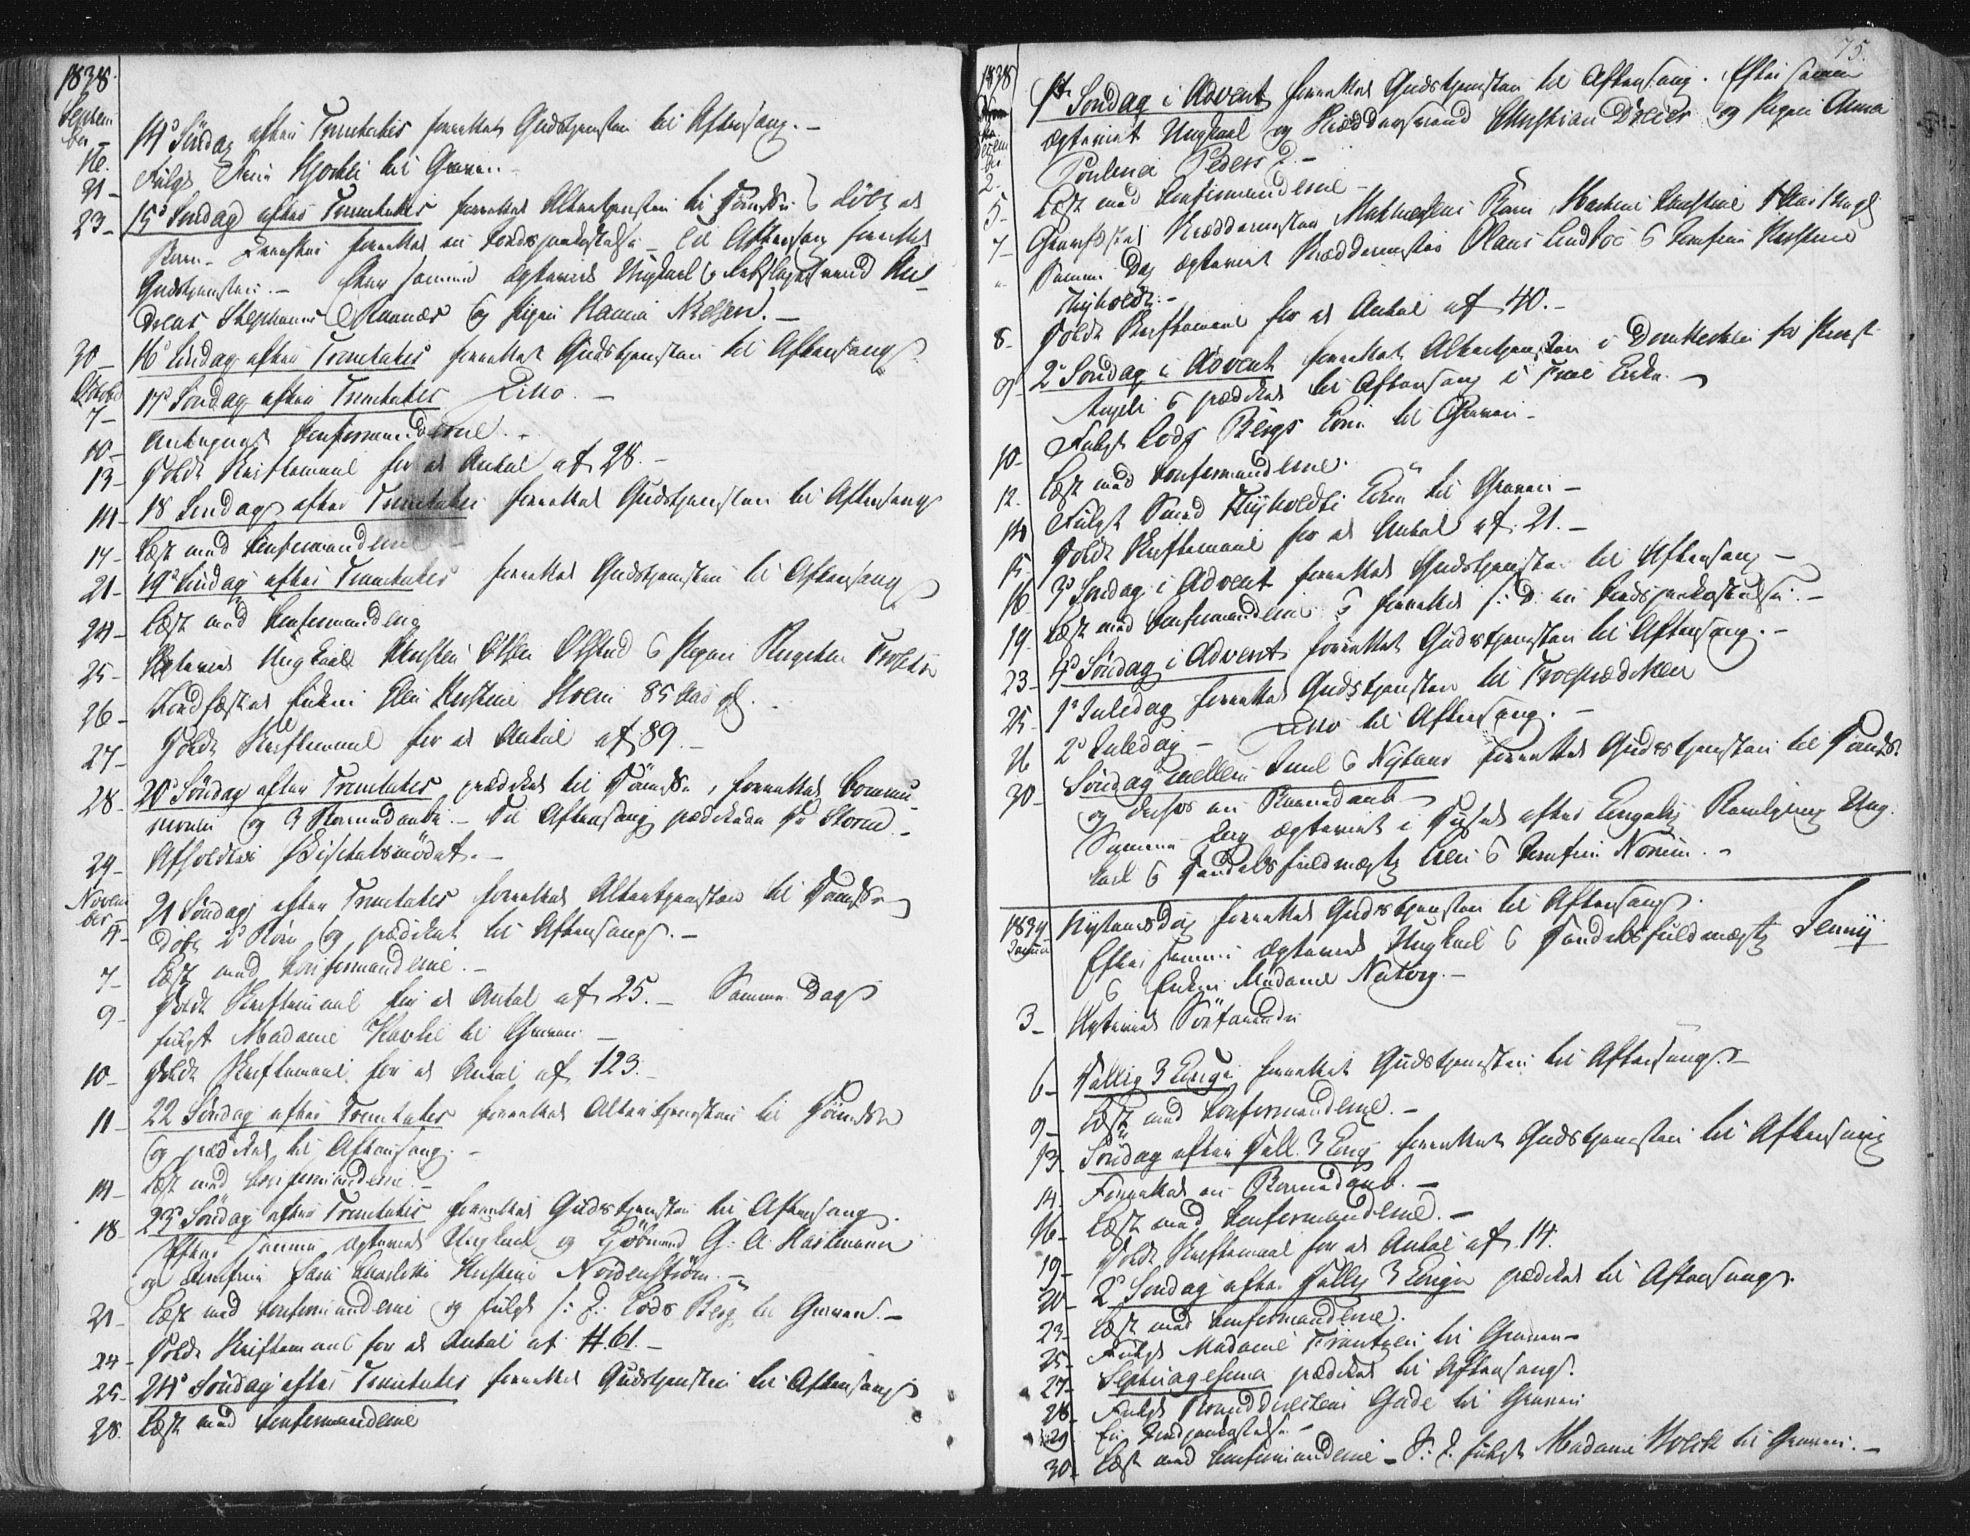 SAT, Ministerialprotokoller, klokkerbøker og fødselsregistre - Sør-Trøndelag, 602/L0127: Residerende kapellans bok nr. 602B01, 1821-1875, s. 75